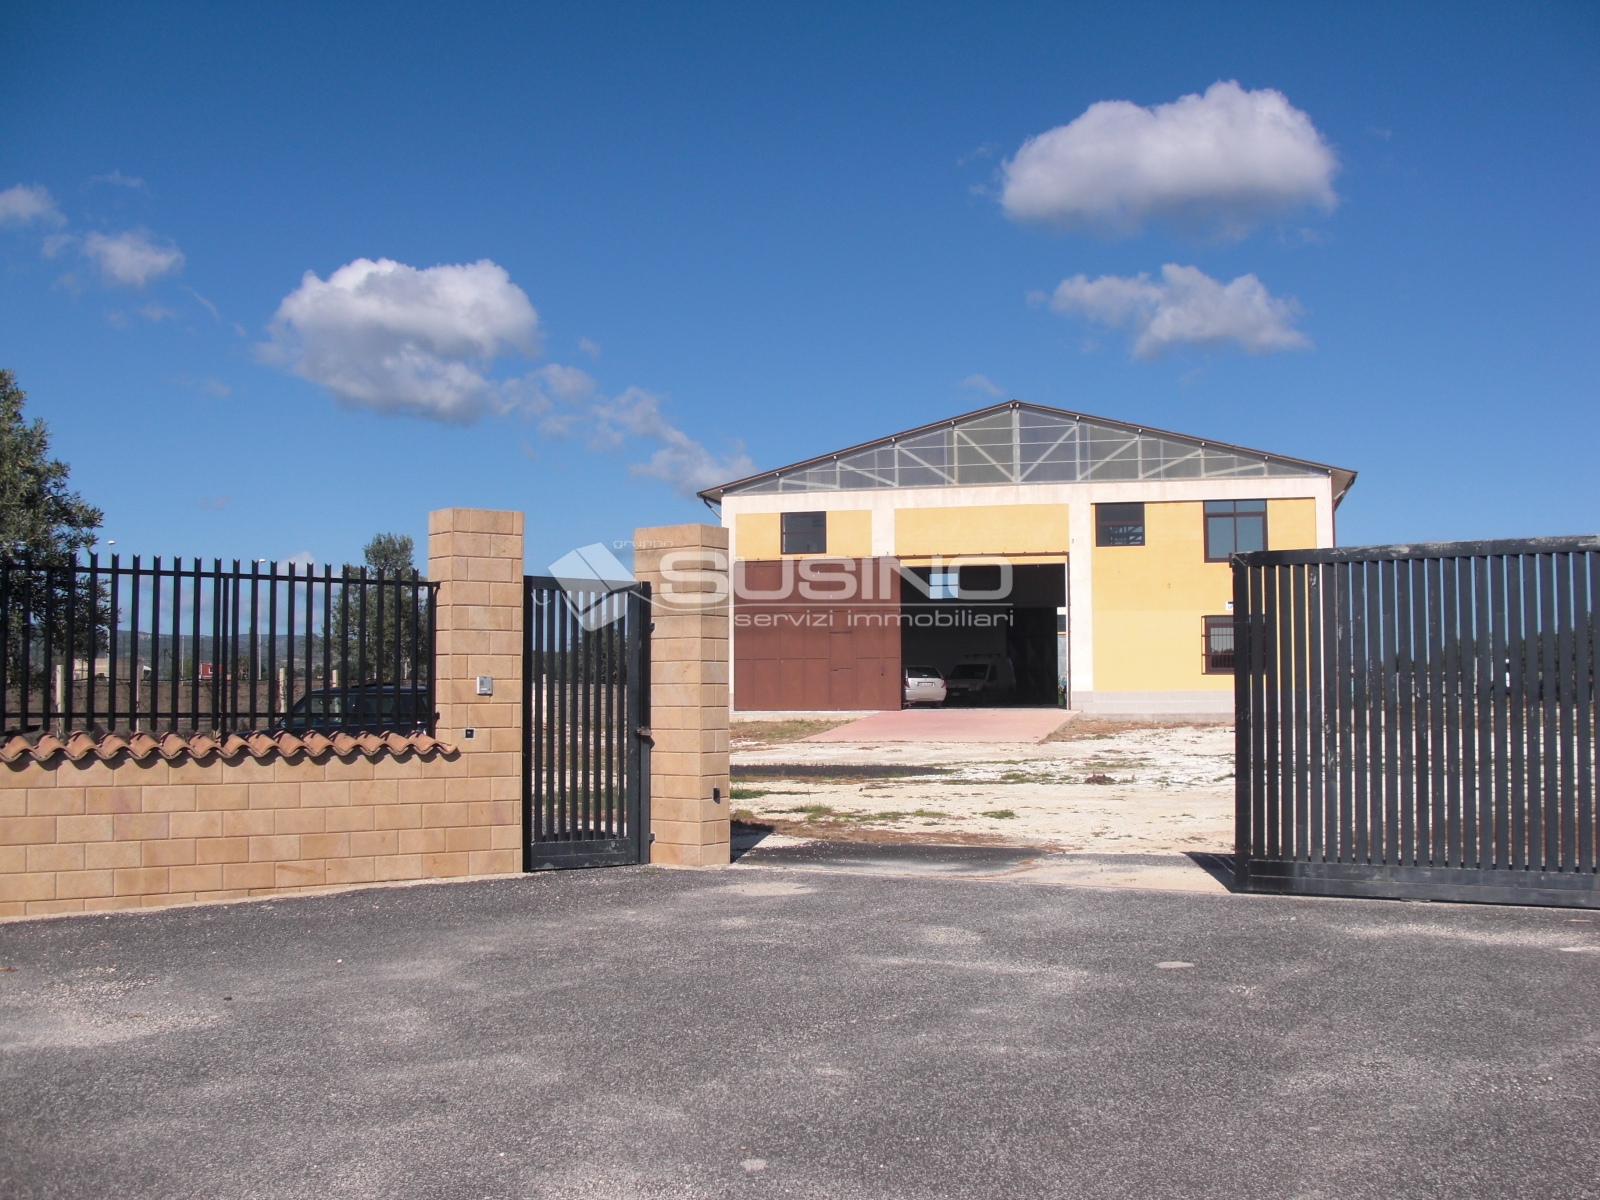 Capannone in vendita a Siracusa, 9999 locali, zona Località: Elorina, prezzo € 400.000 | Cambio Casa.it